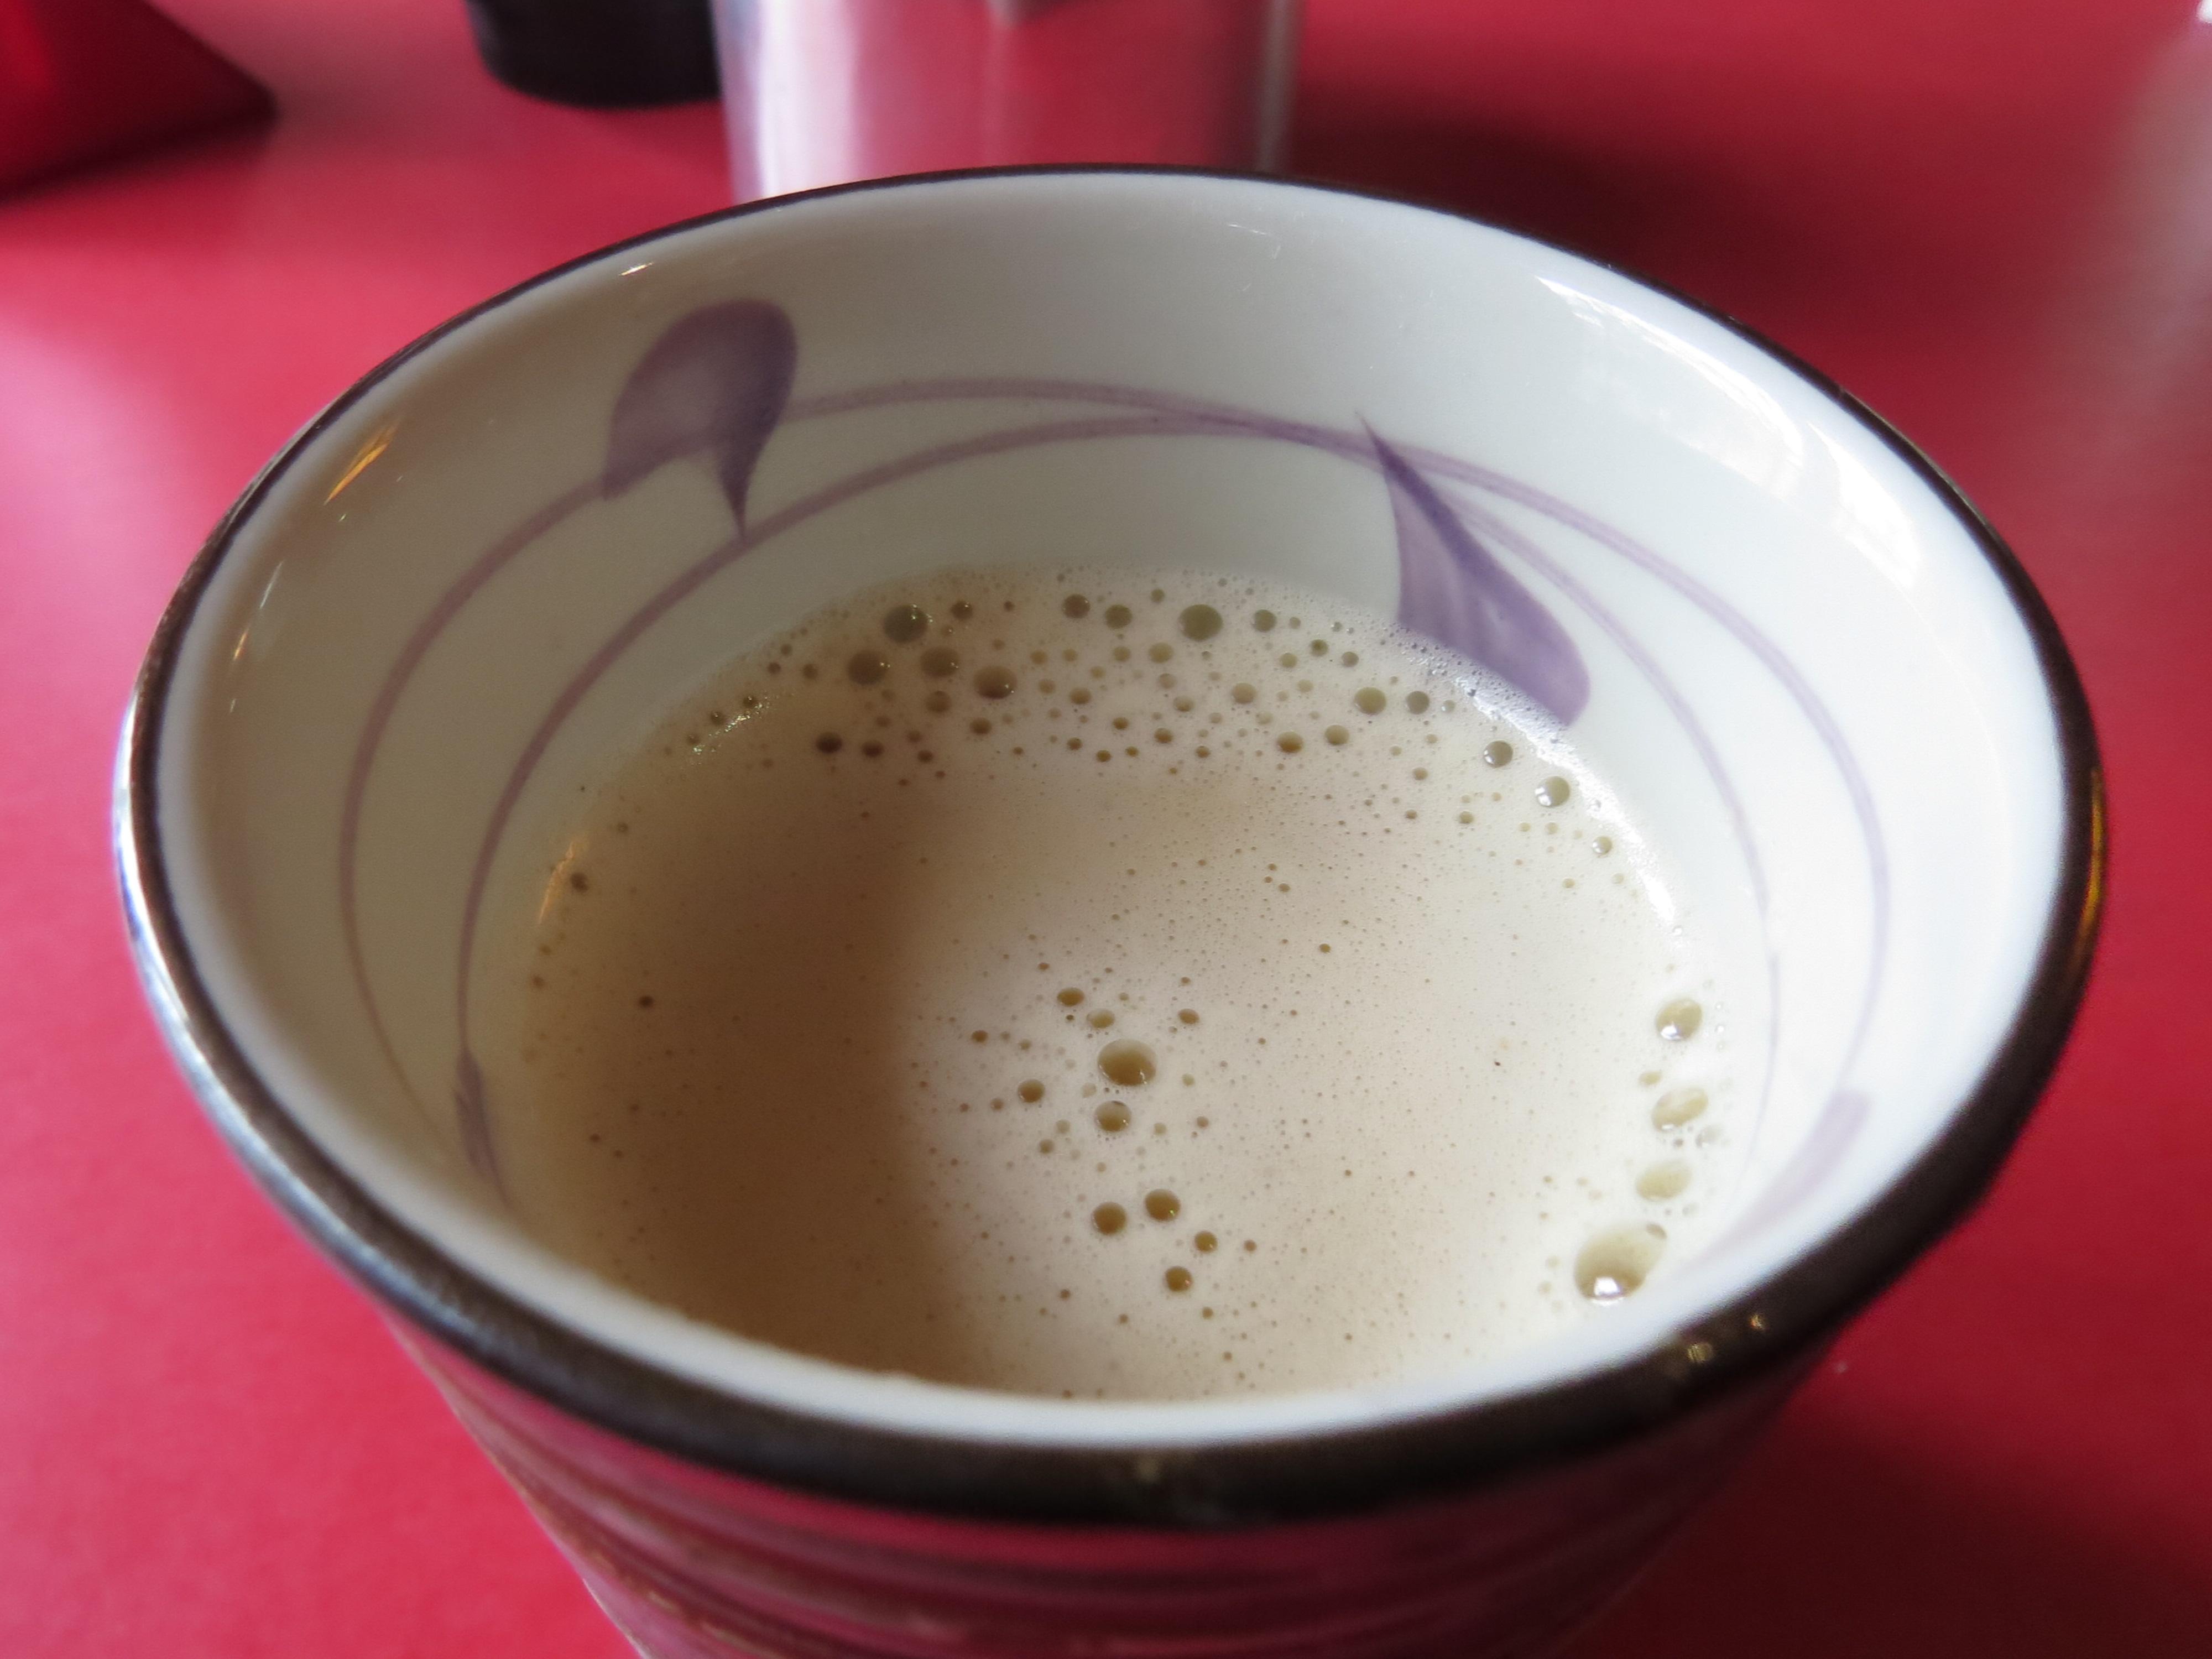 Tybetańska herbata z masłem. Osobiście nie wiedziałam, w którą stronę pluć.